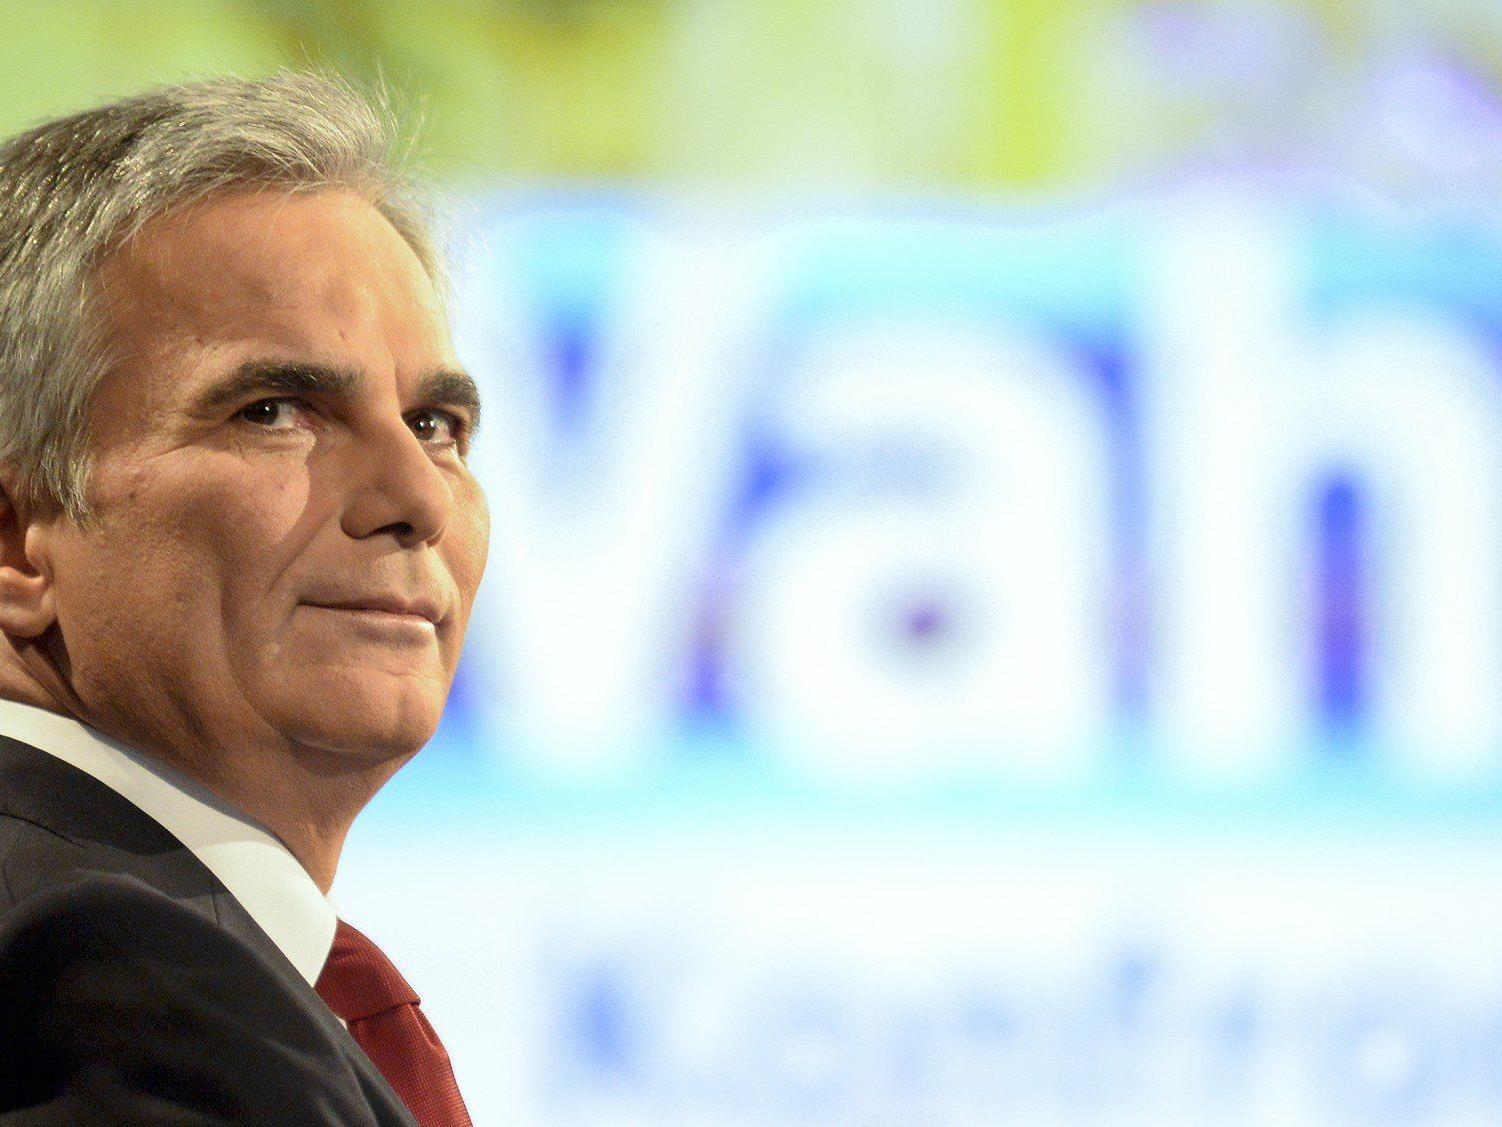 SPÖ-Chef Werner Faymann will im Bundeskanzleramt bleiben.